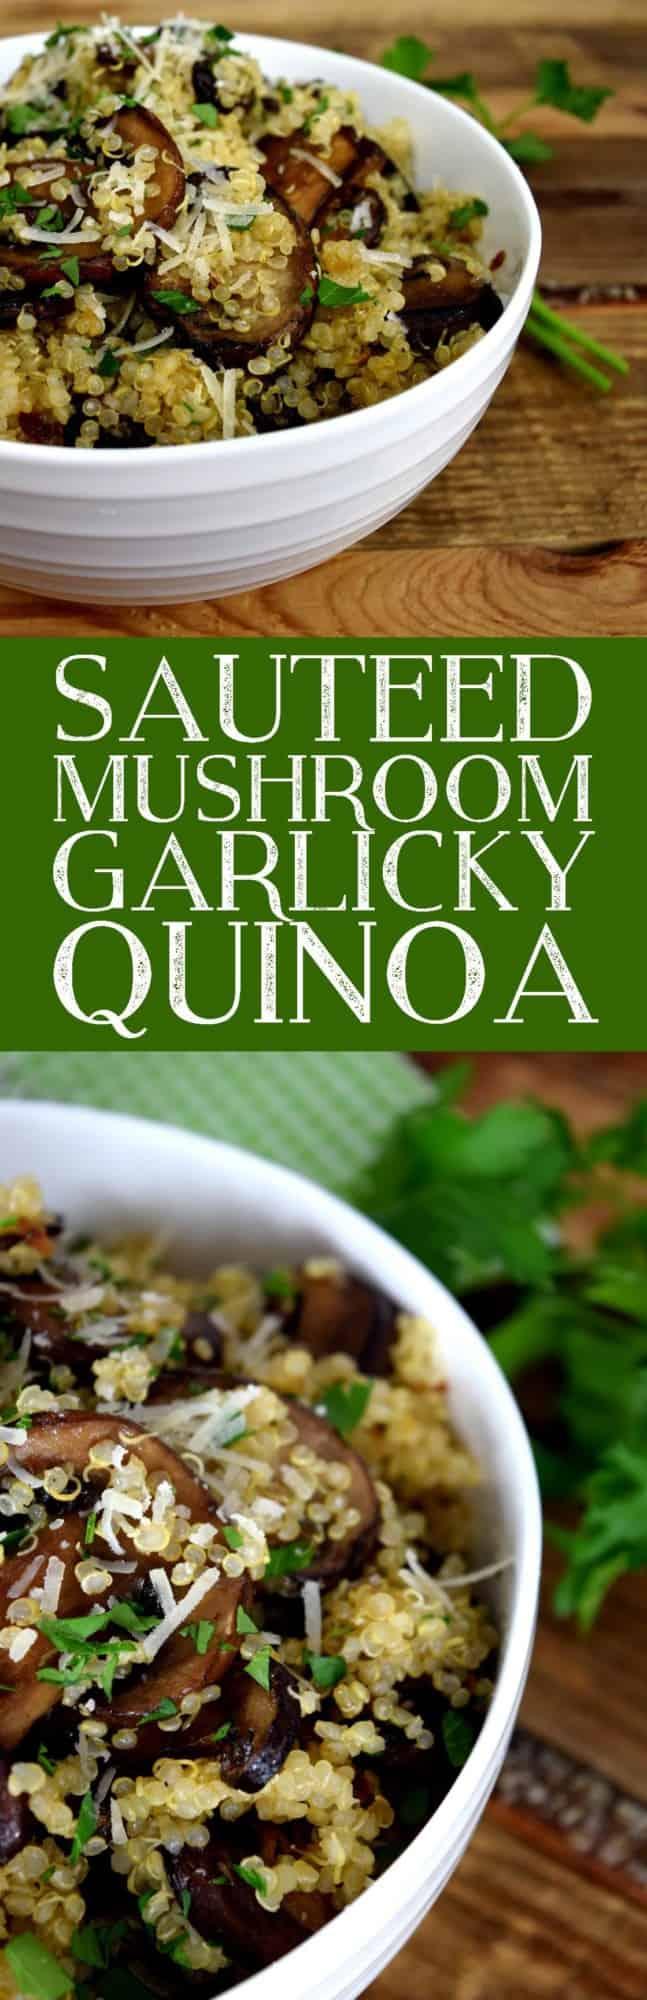 Sauteed Mushroom Garlicky Quinoa Pinterest